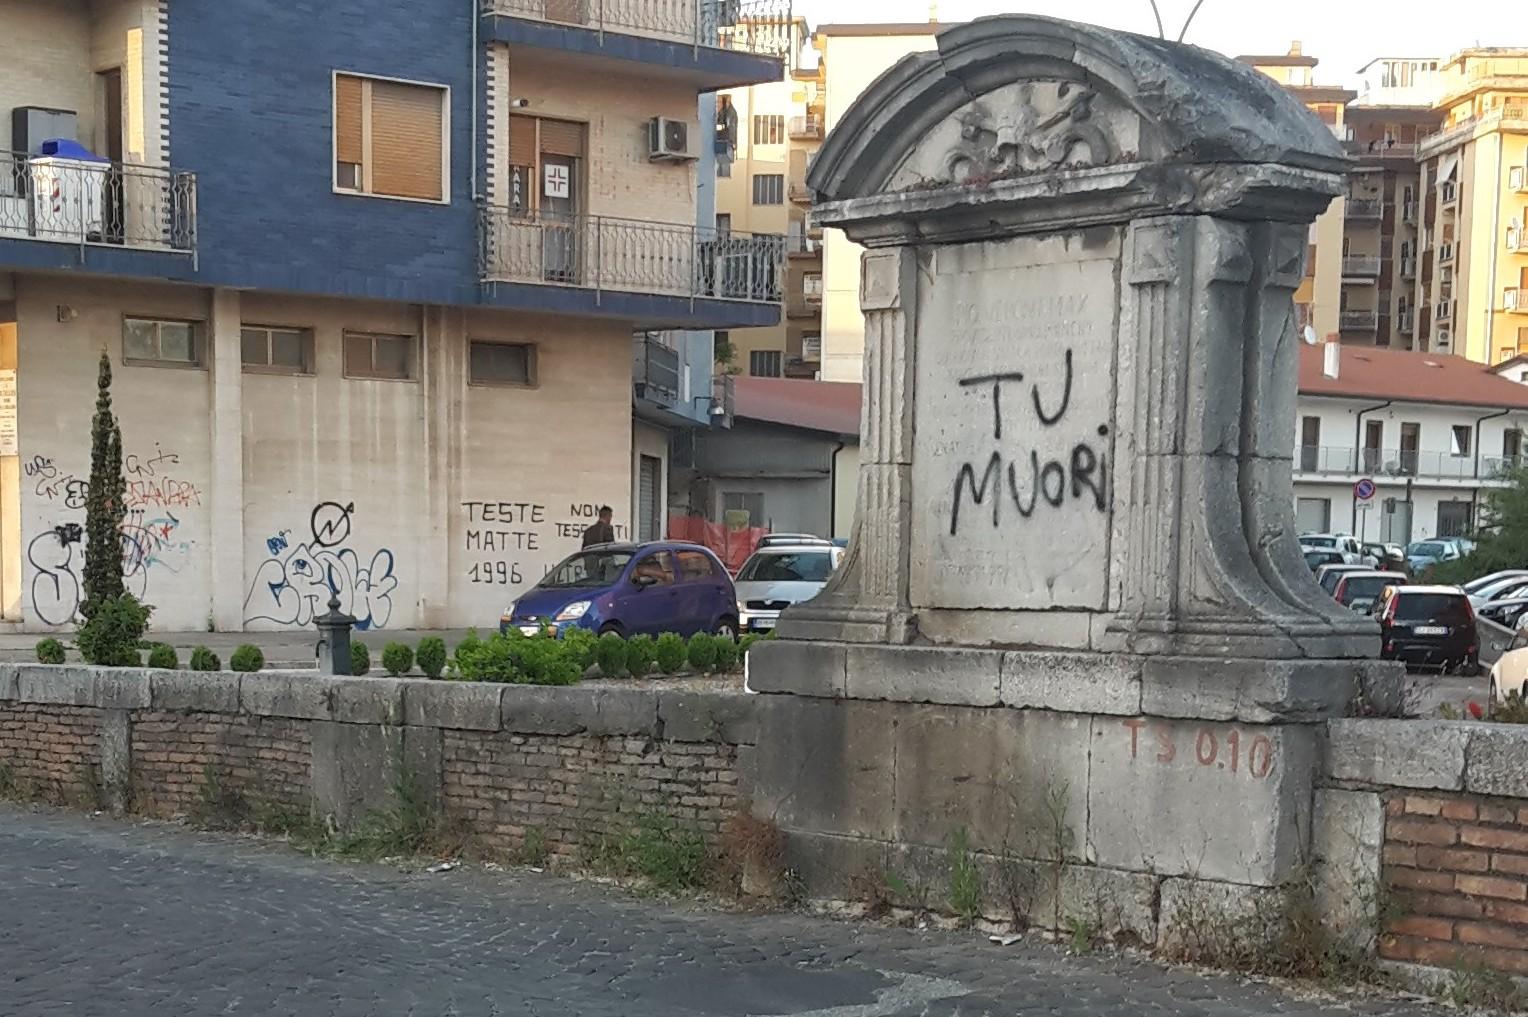 Pulitura epigrafe sul Ponte Santa Maria della Libera di Benevento